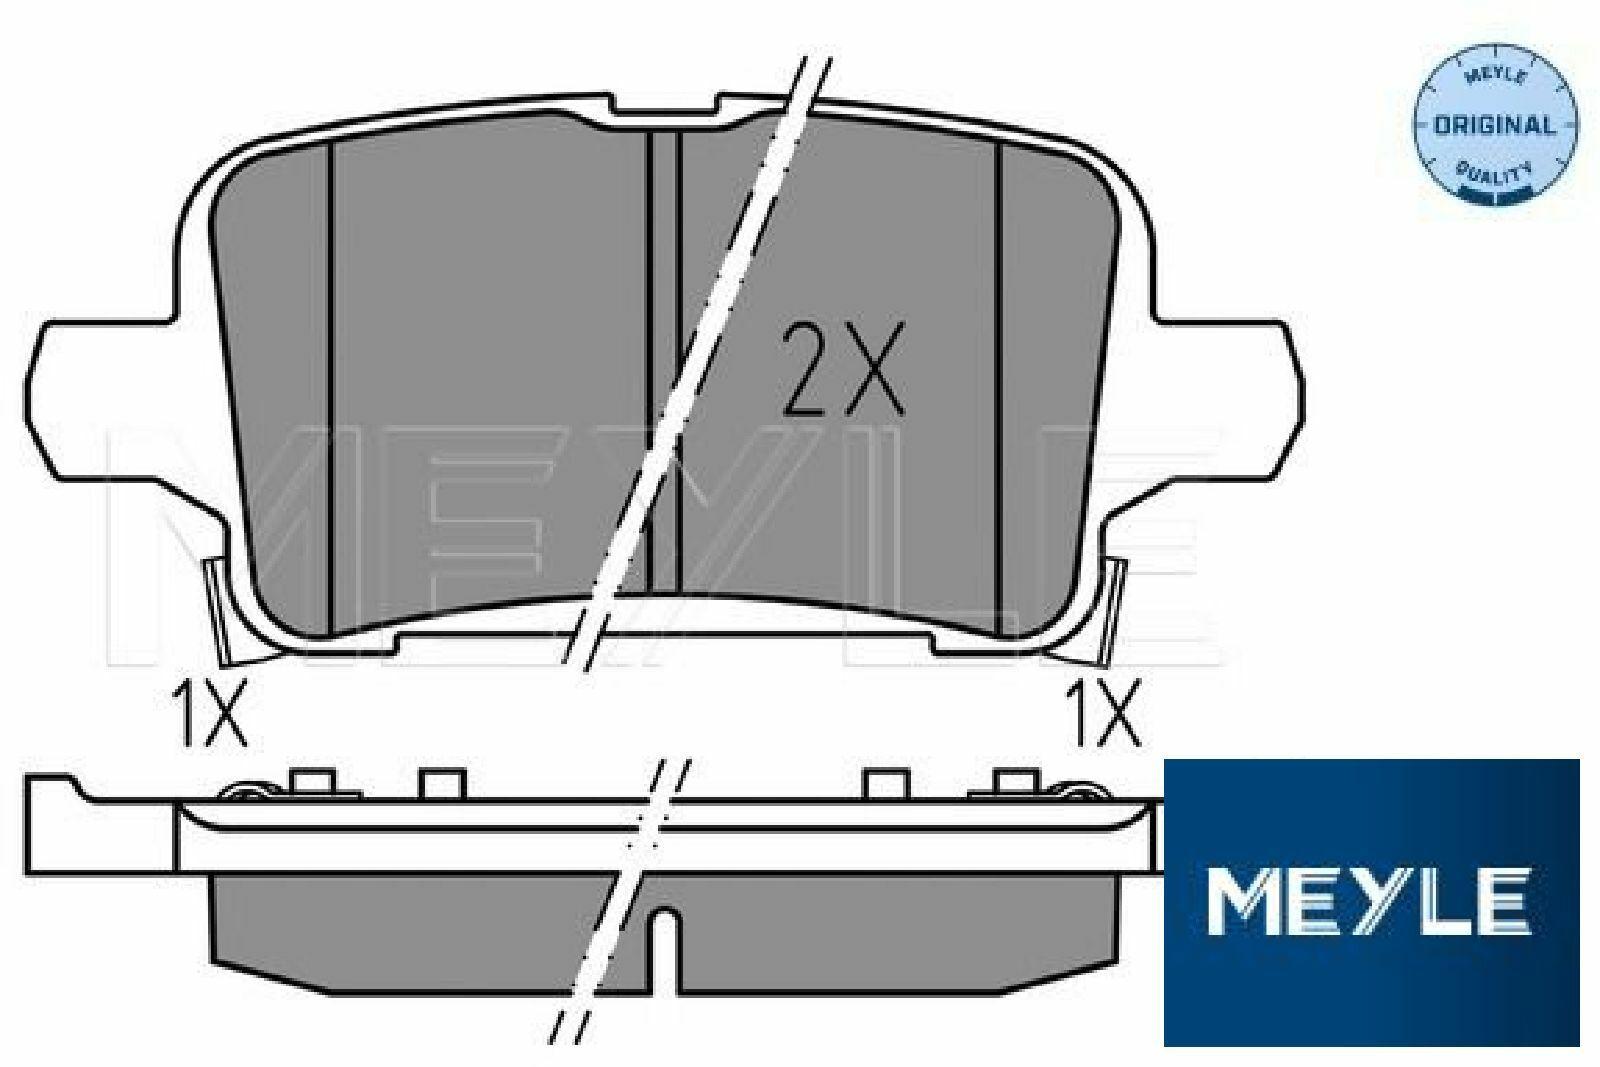 BLUE PRINT ADW194221 Bremsbeläge Bremsbelagsatz für OPEL